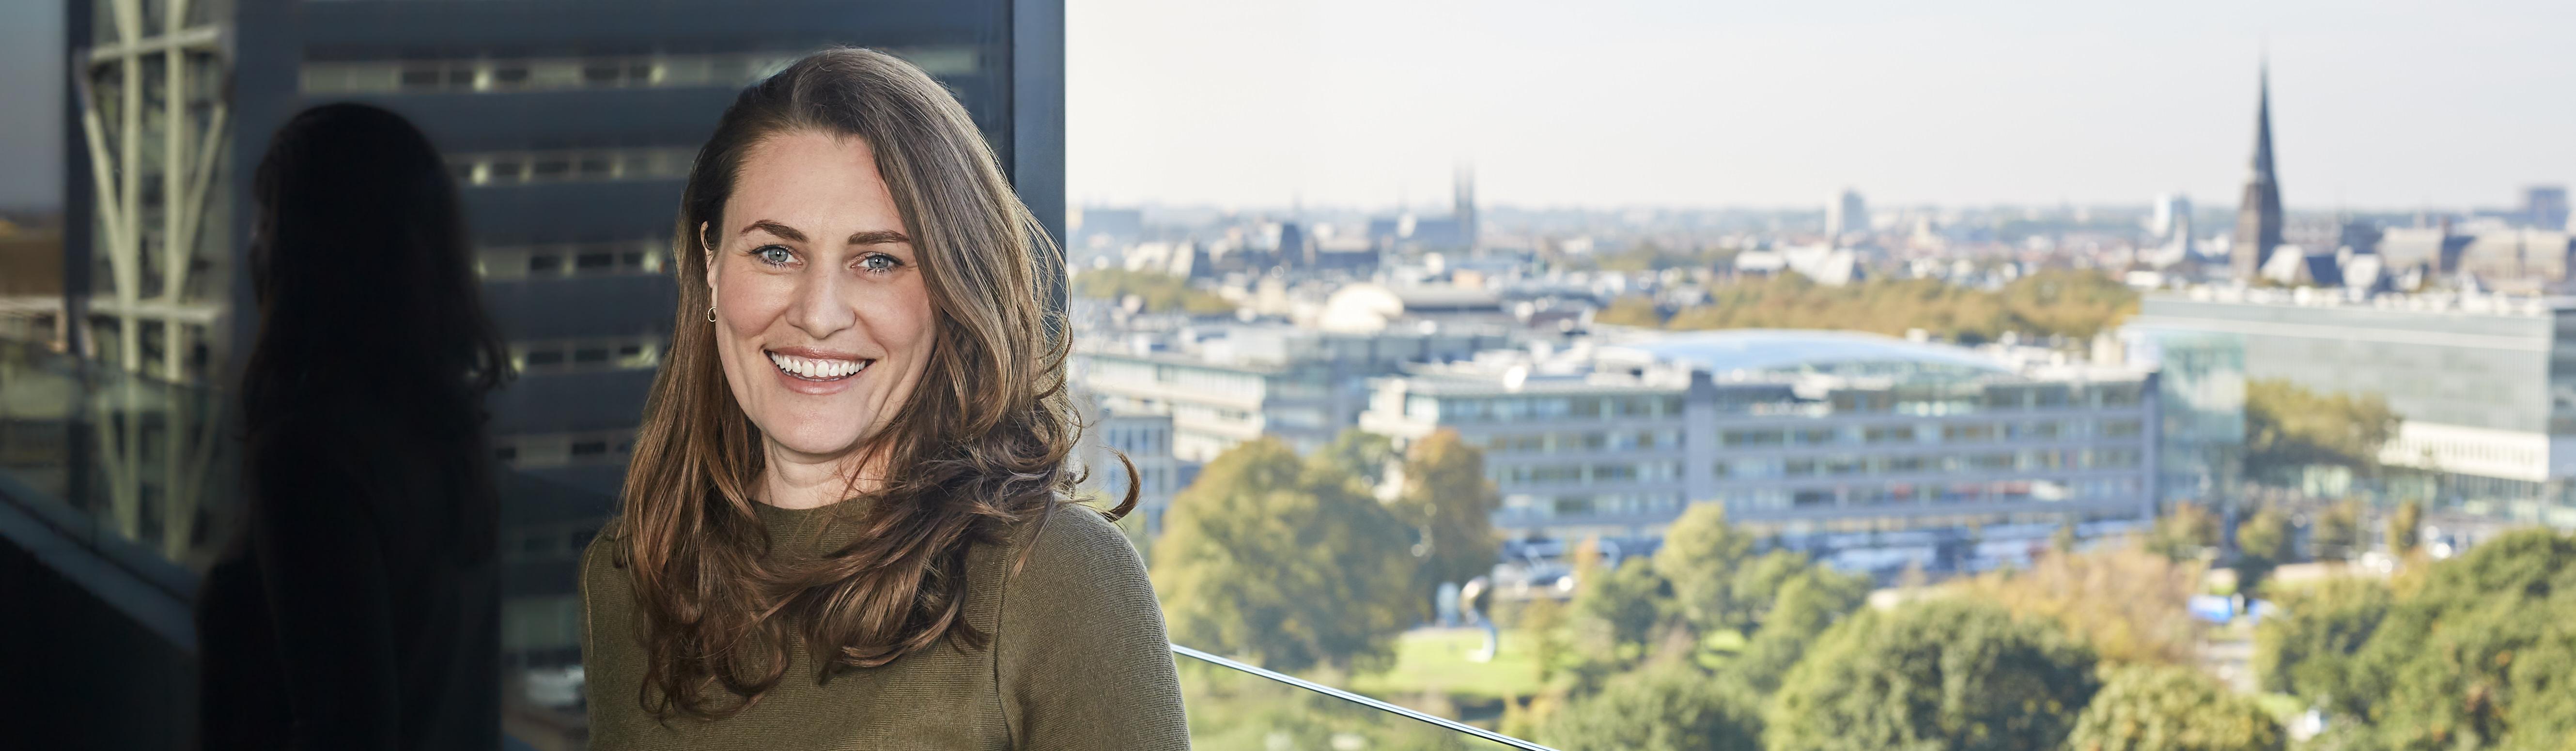 Erika Wies, advocaat Pels Rijcken